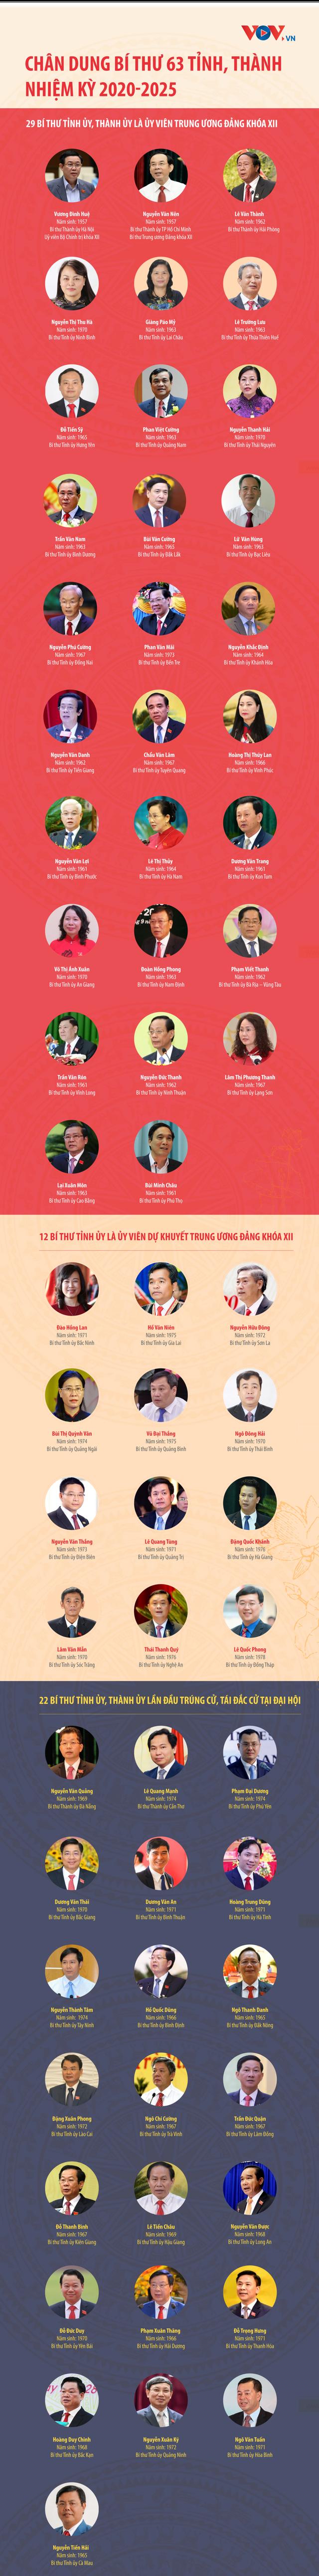 Chân dung Bí thư 63 tỉnh, thành nhiệm kỳ 2020-2025 - Ảnh 1.